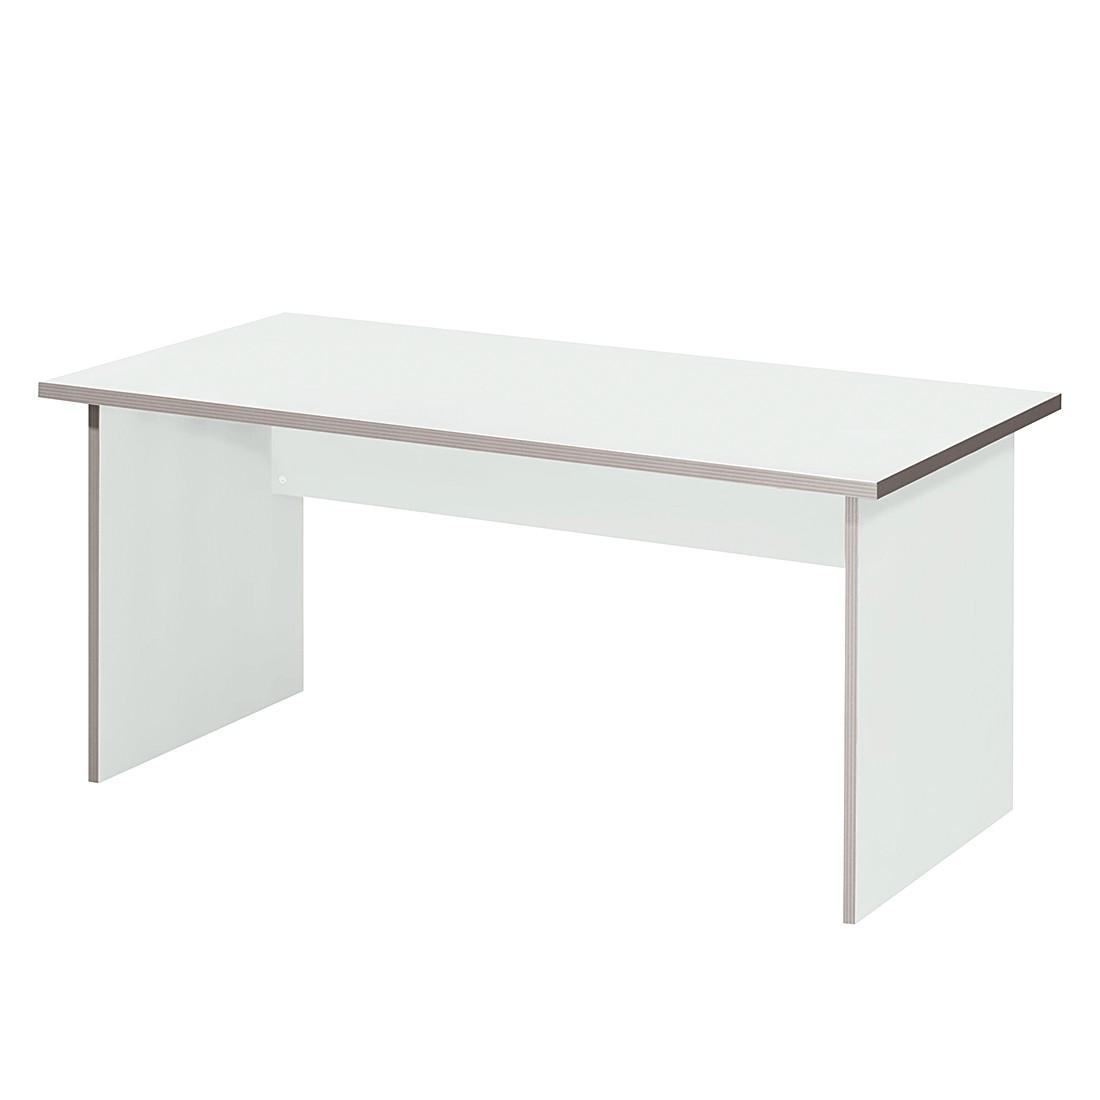 Table de bureau Kirk volts - Gris clair - Plateau de table : 80 x 80 cm, Wellemöbel